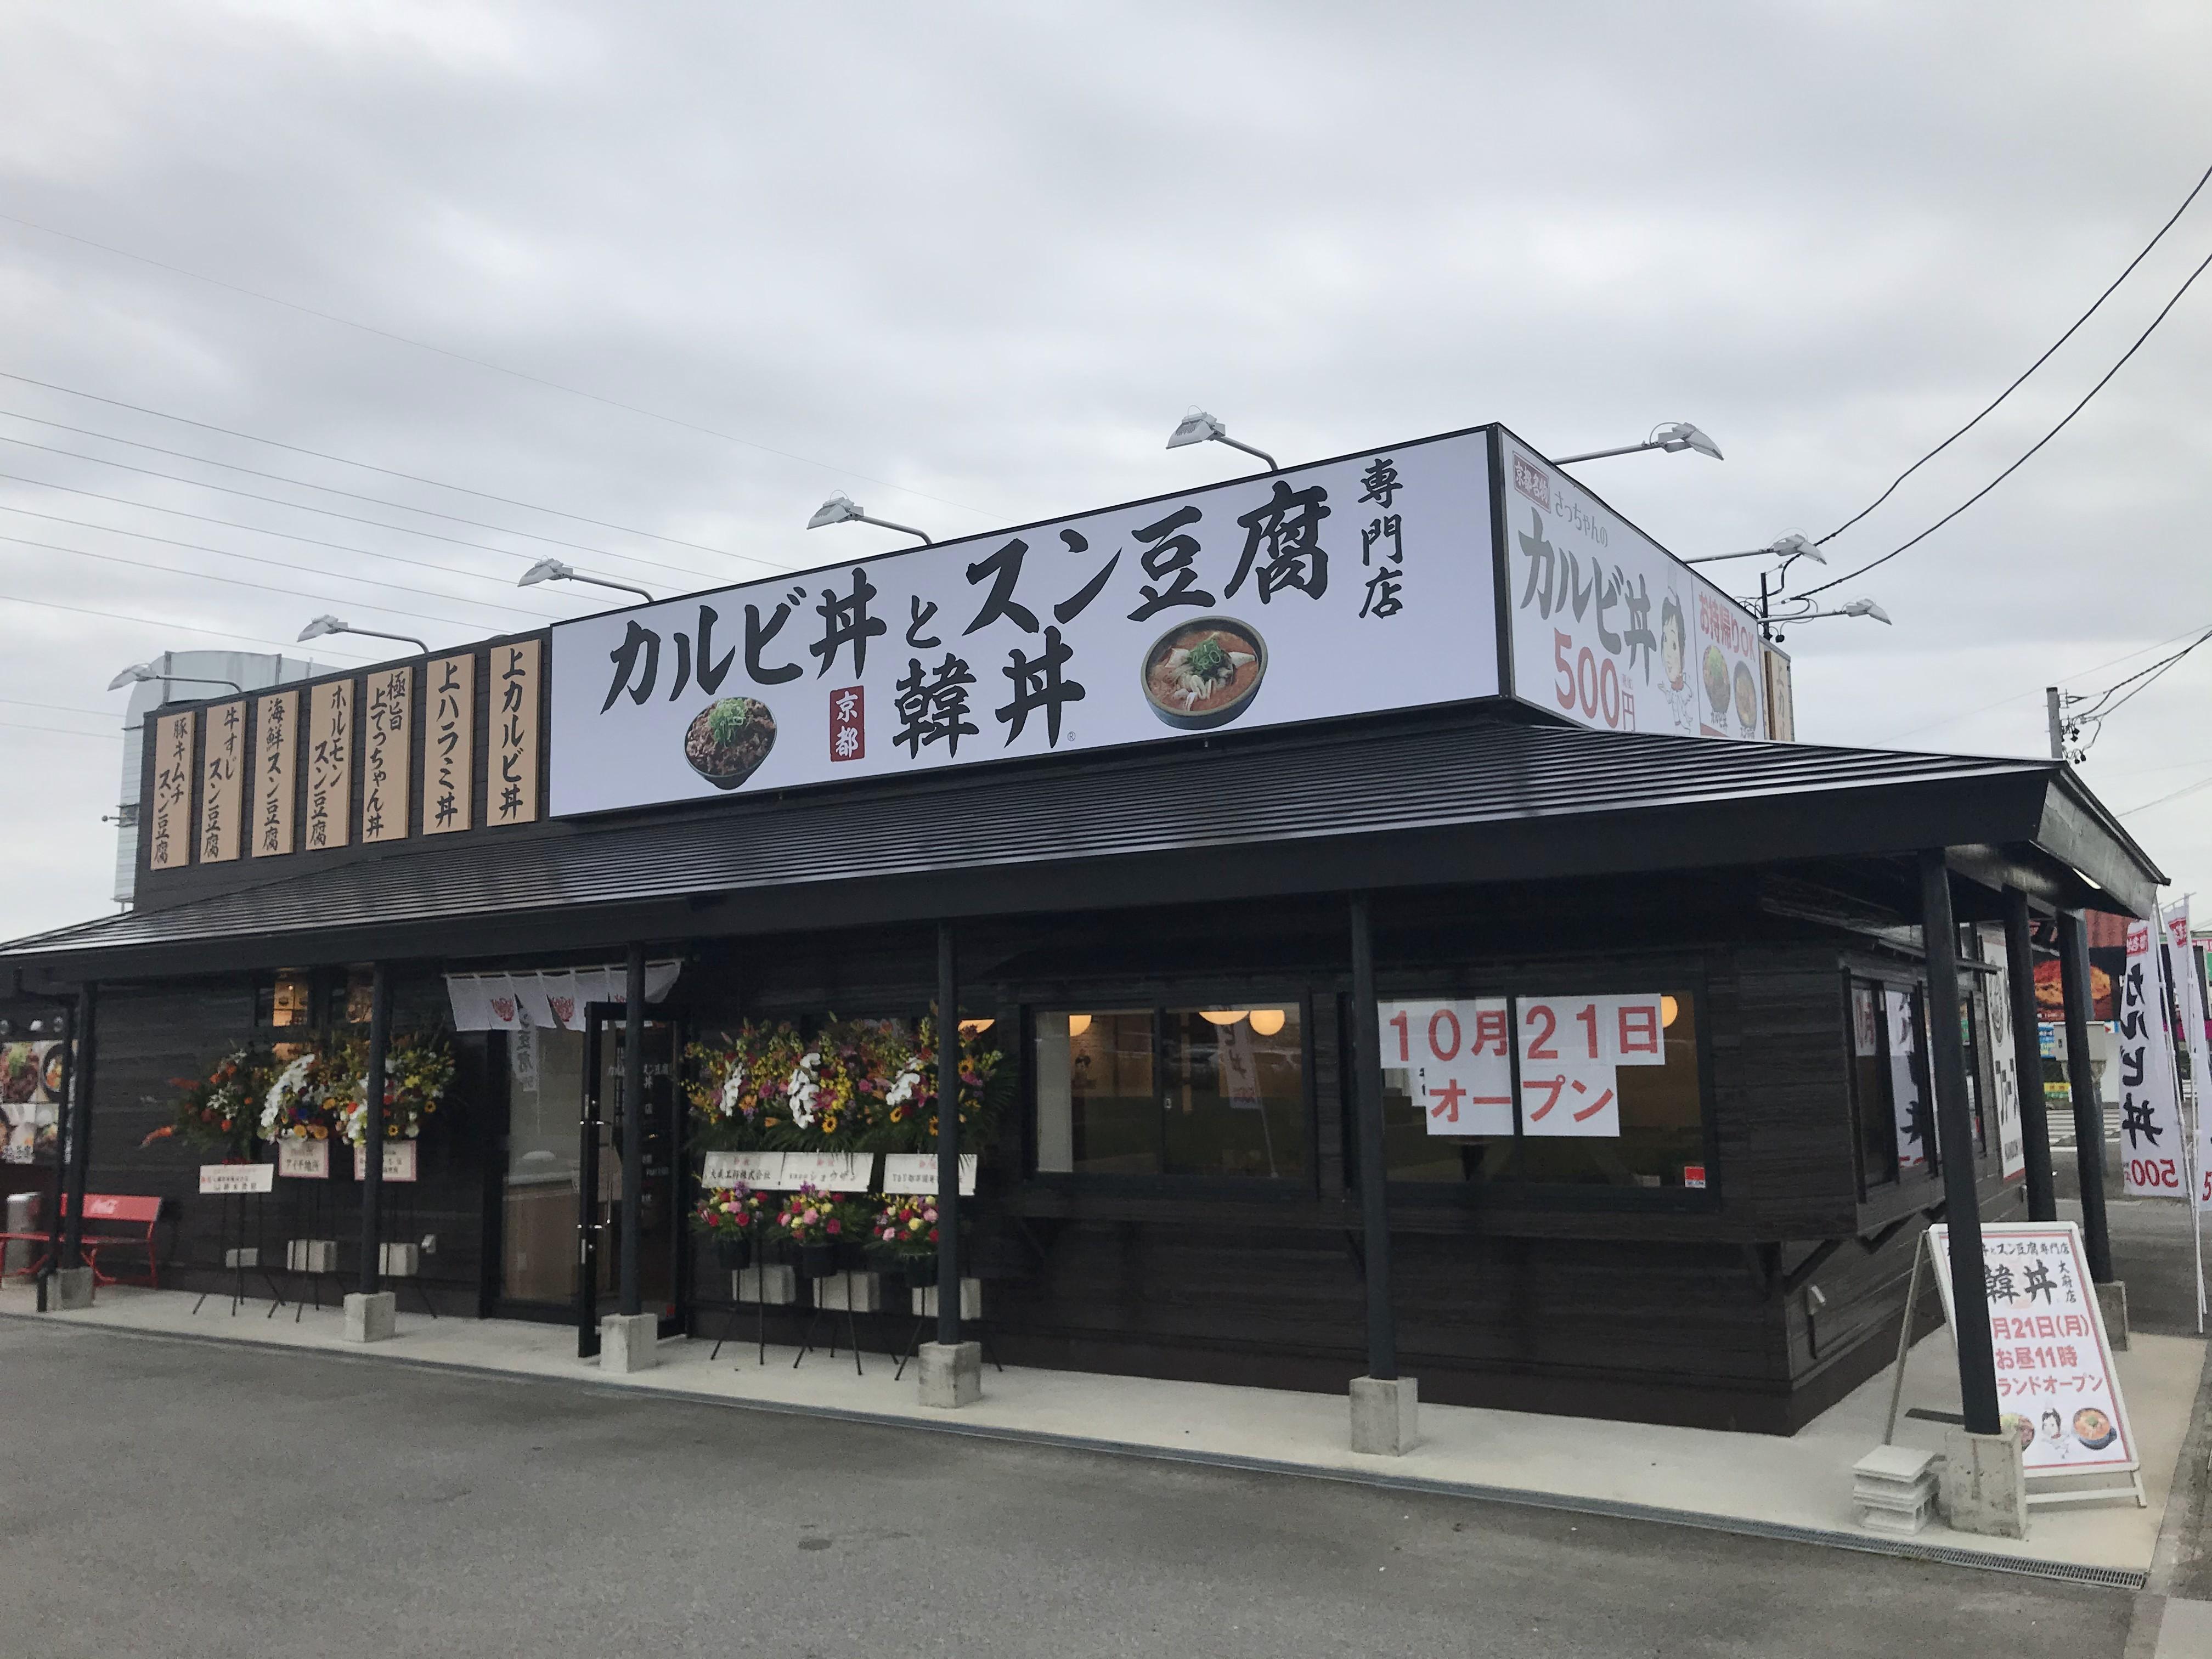 韓丼 大府店外観